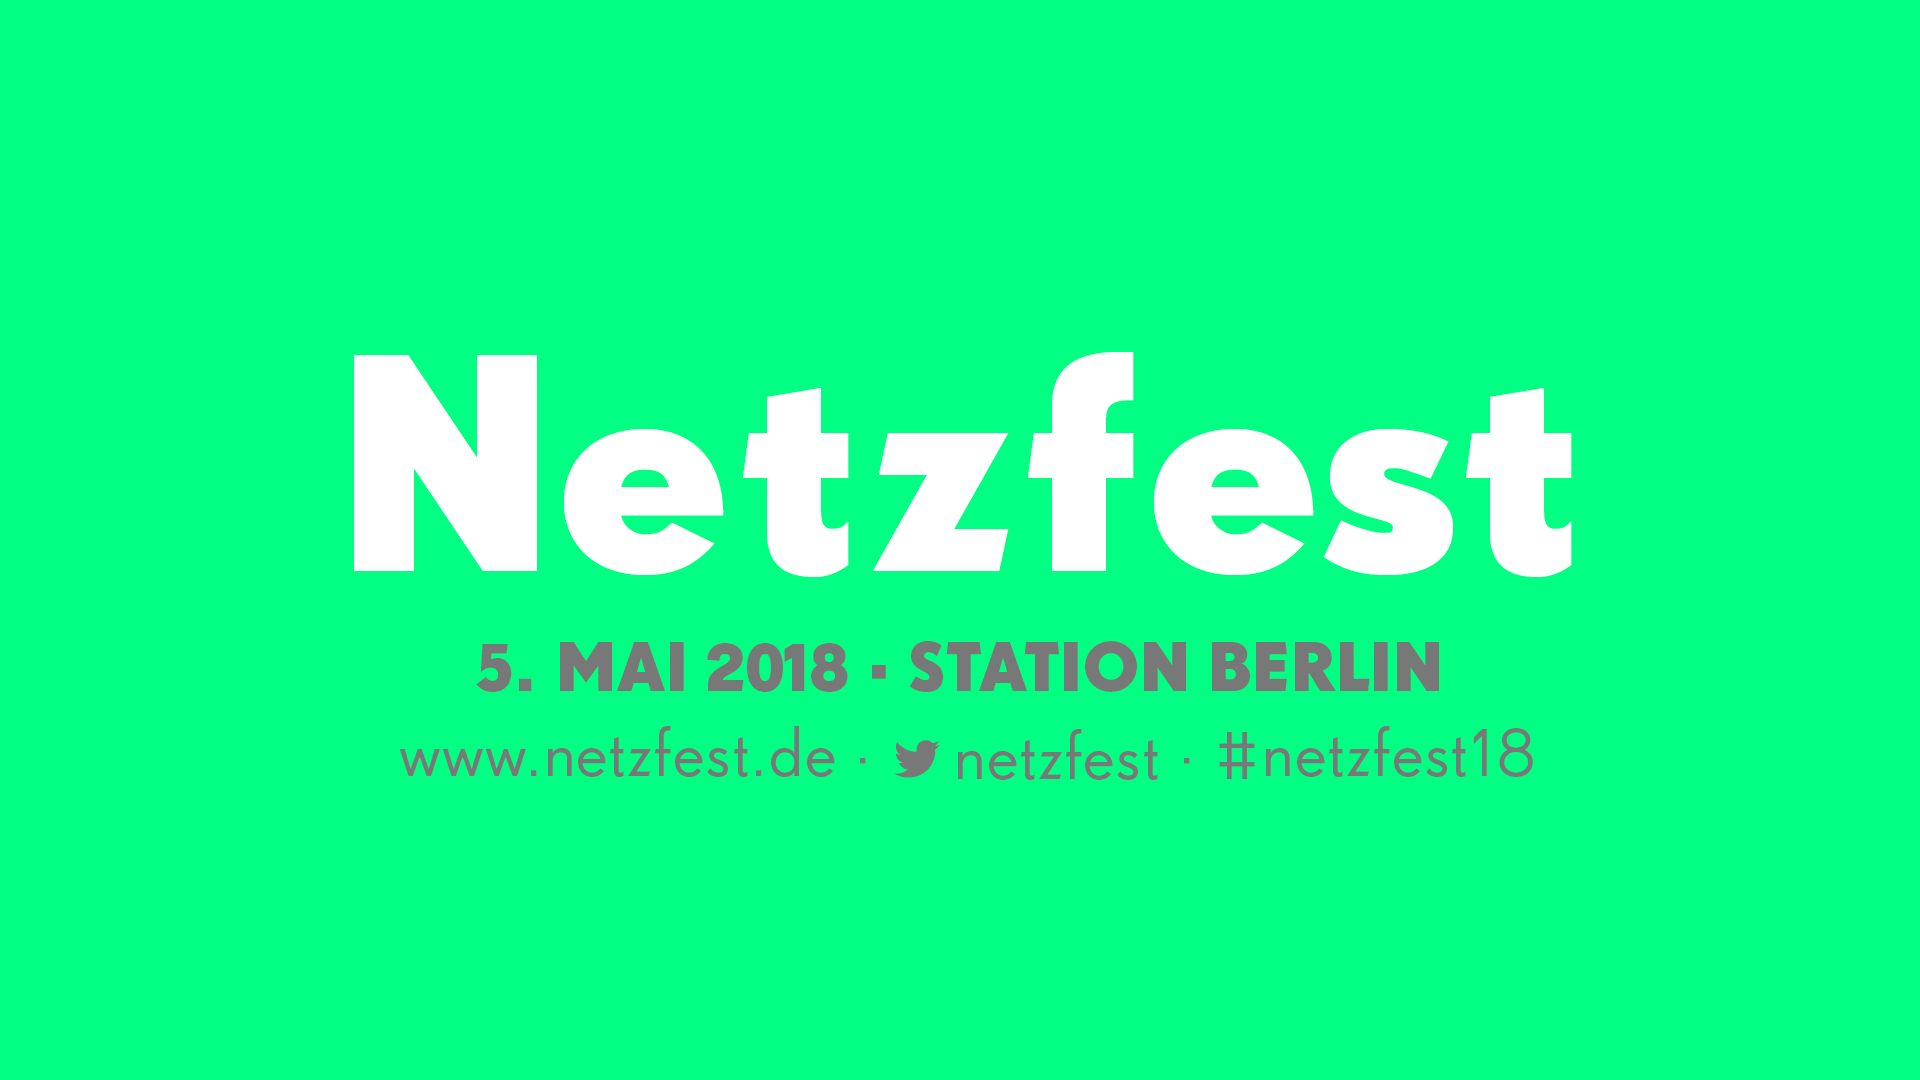 Netzfest - das Festival für alle zur re:publica 2018